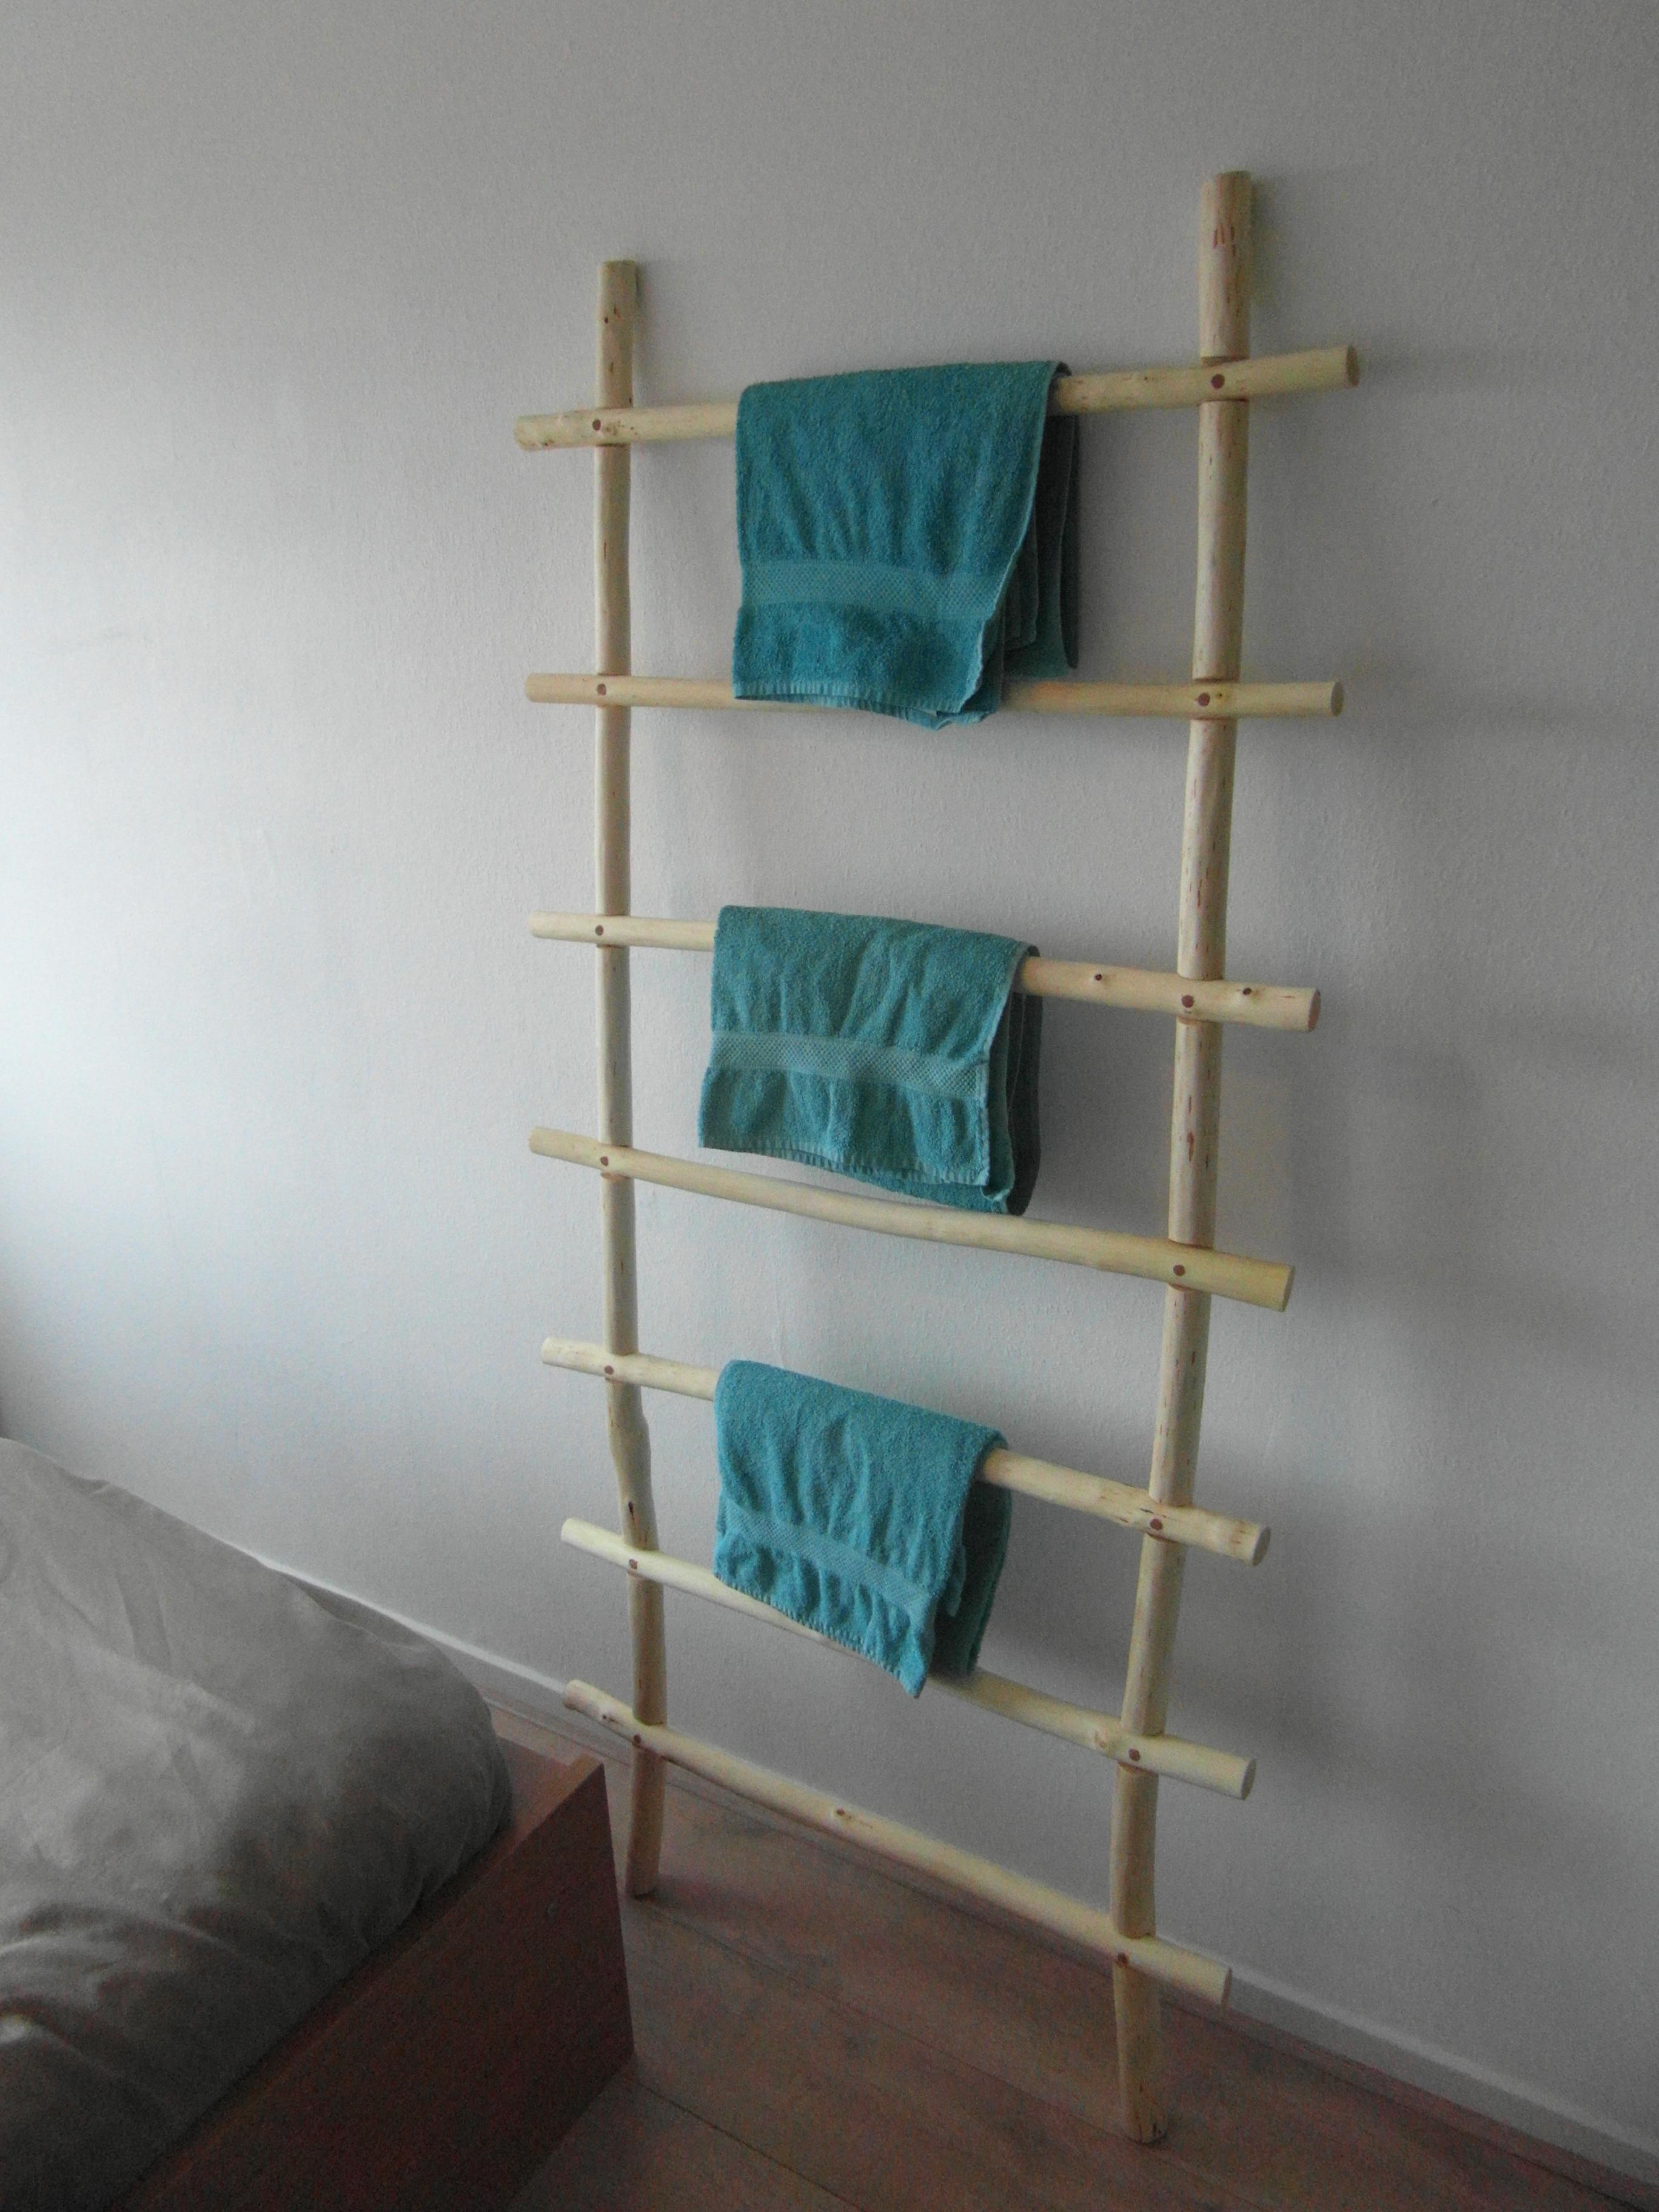 De ladder heb ik met een olie ingesmeerd waardoor je er ook handdoeken overeen kunt hangen om te laten drogen